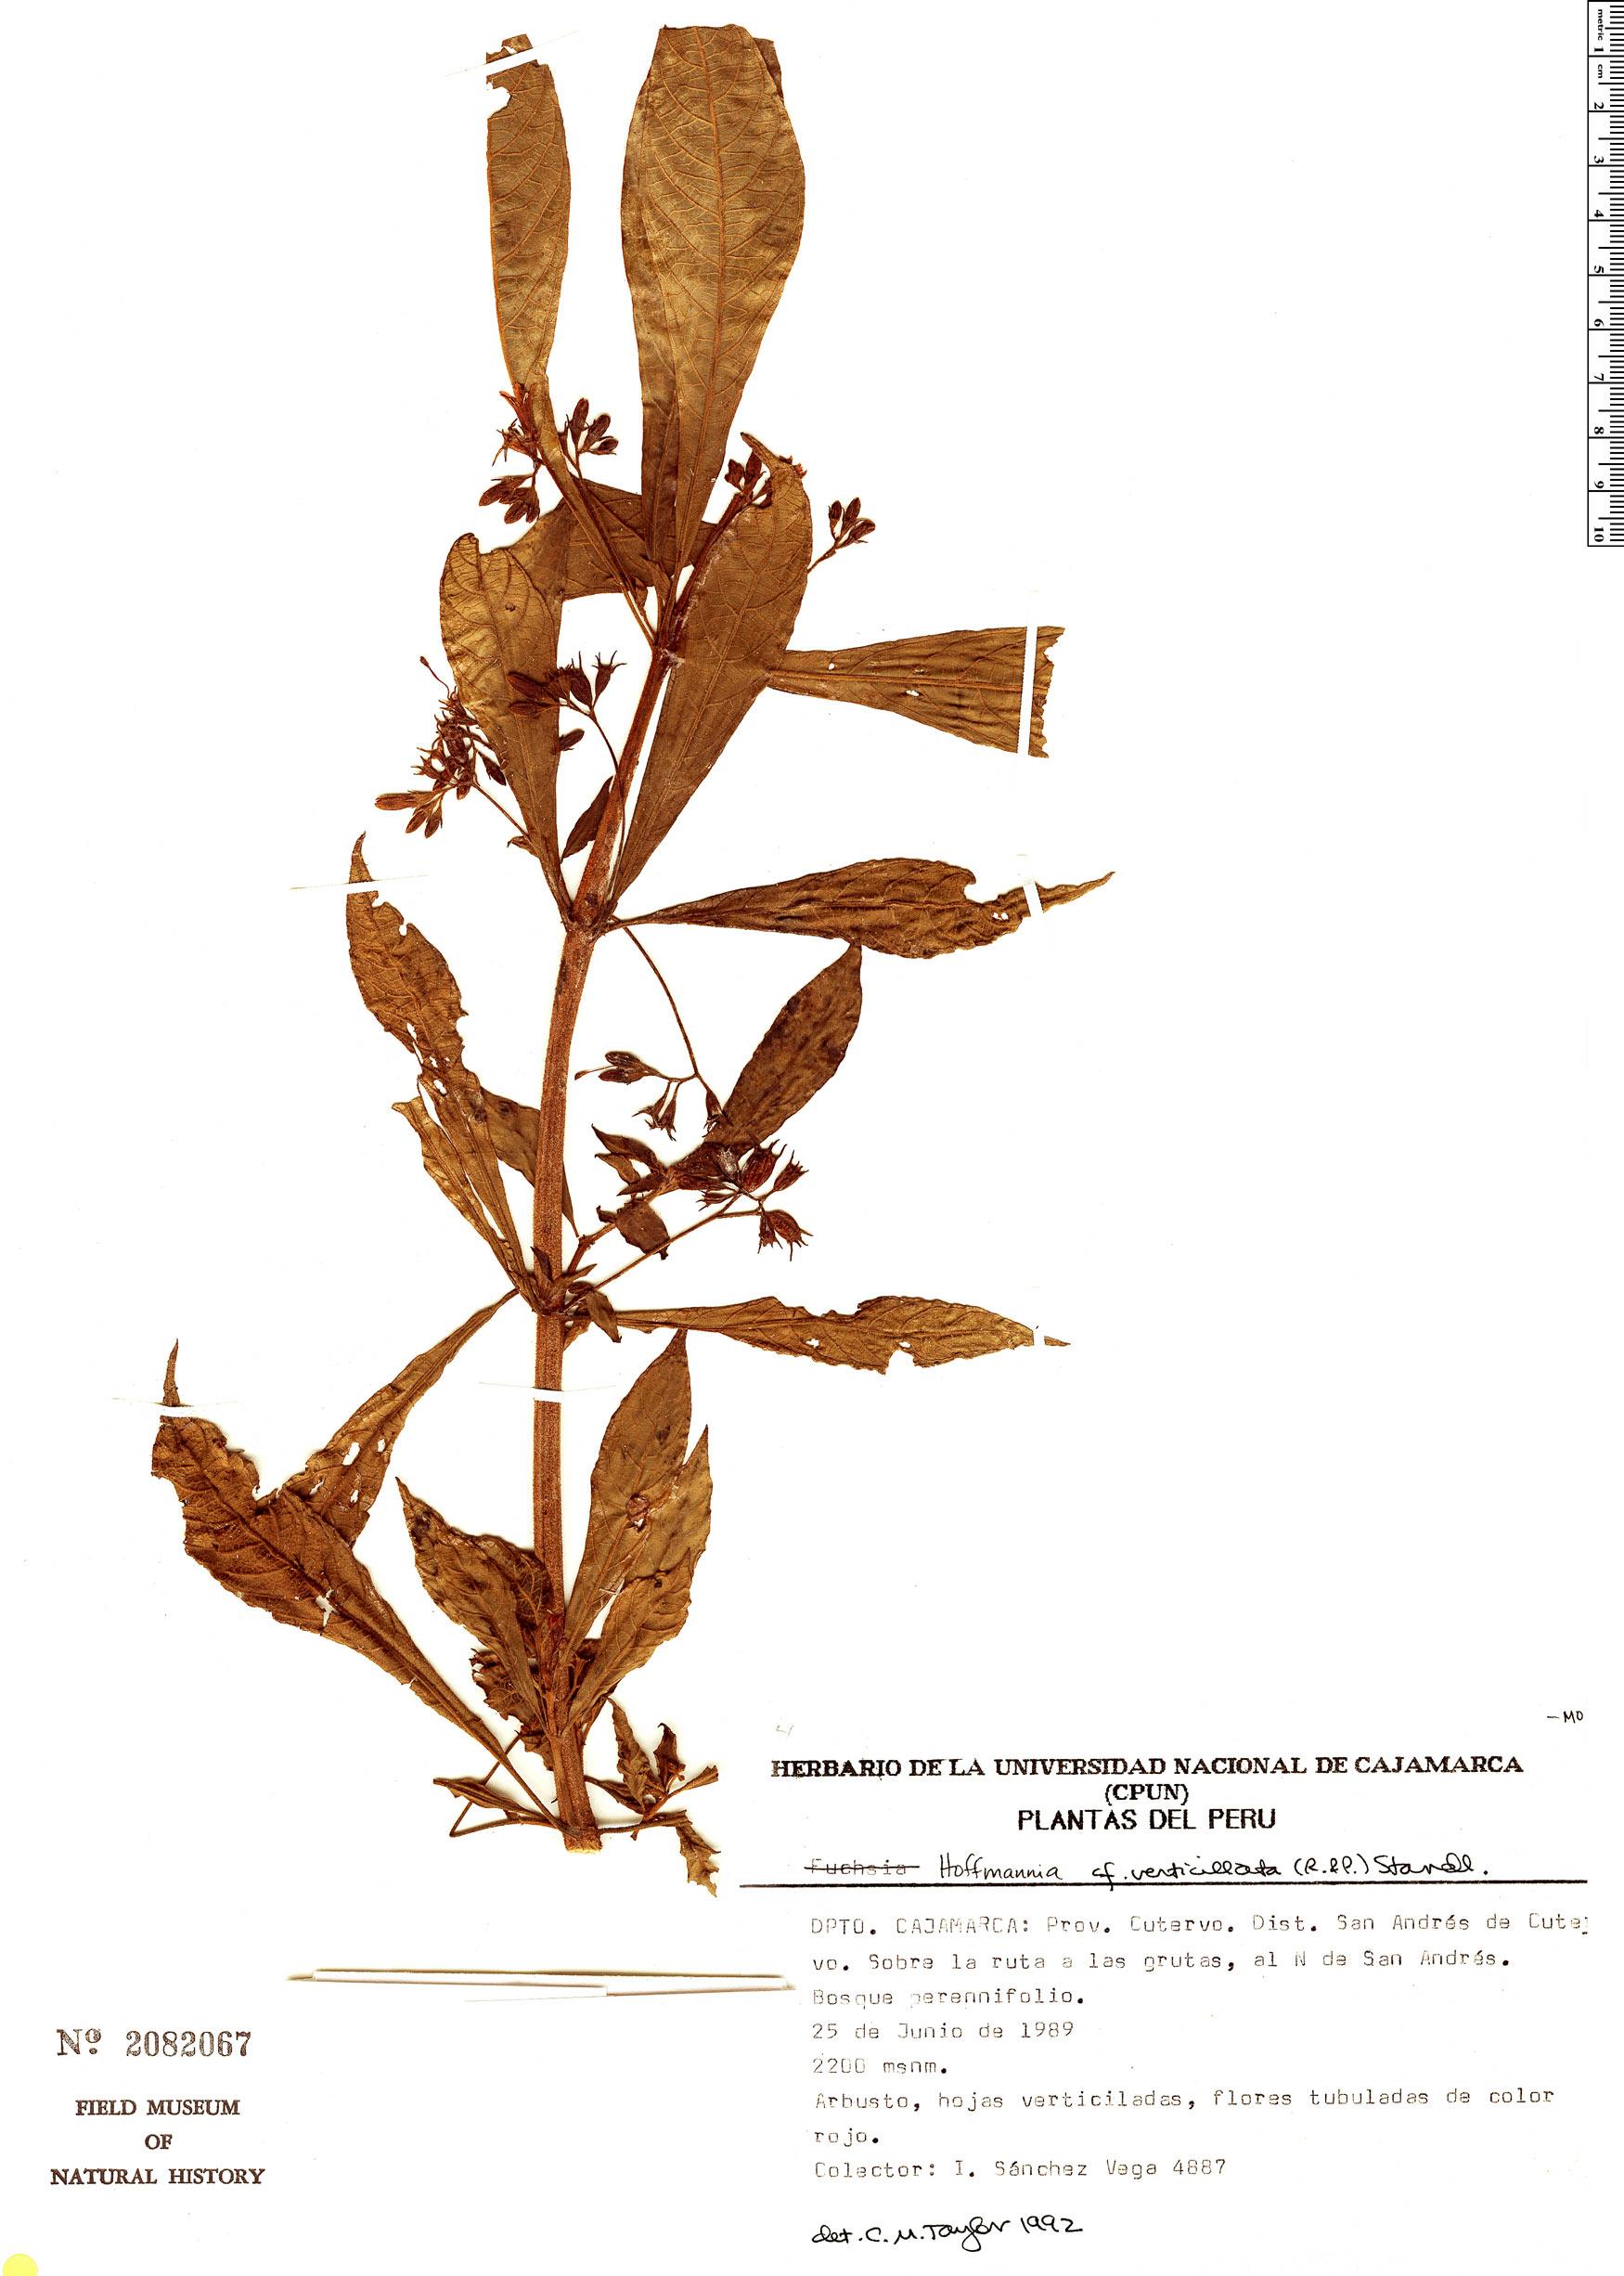 Specimen: Hoffmannia verticillata